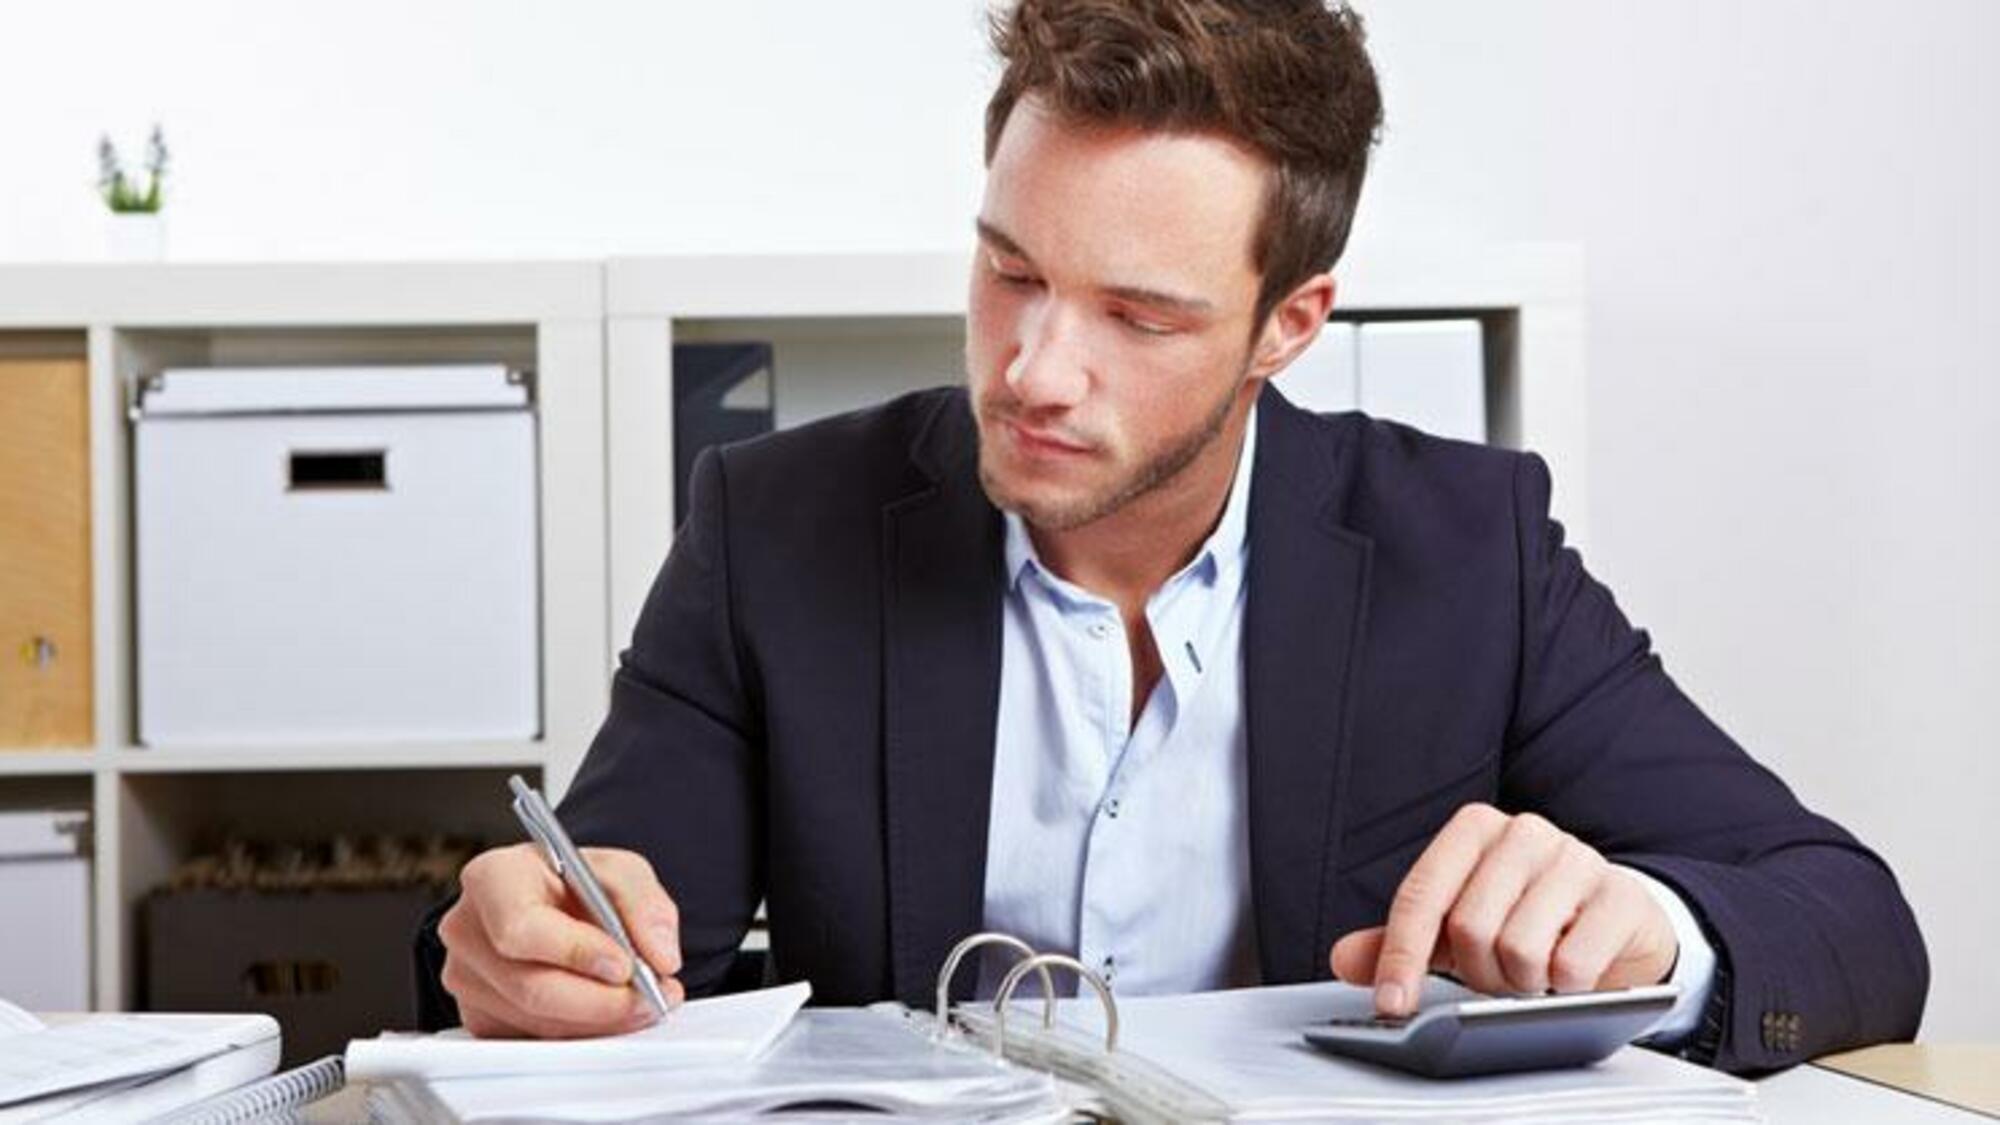 Steuererklärung: Frist verpasst? Das müssen Sie jetzt wissen